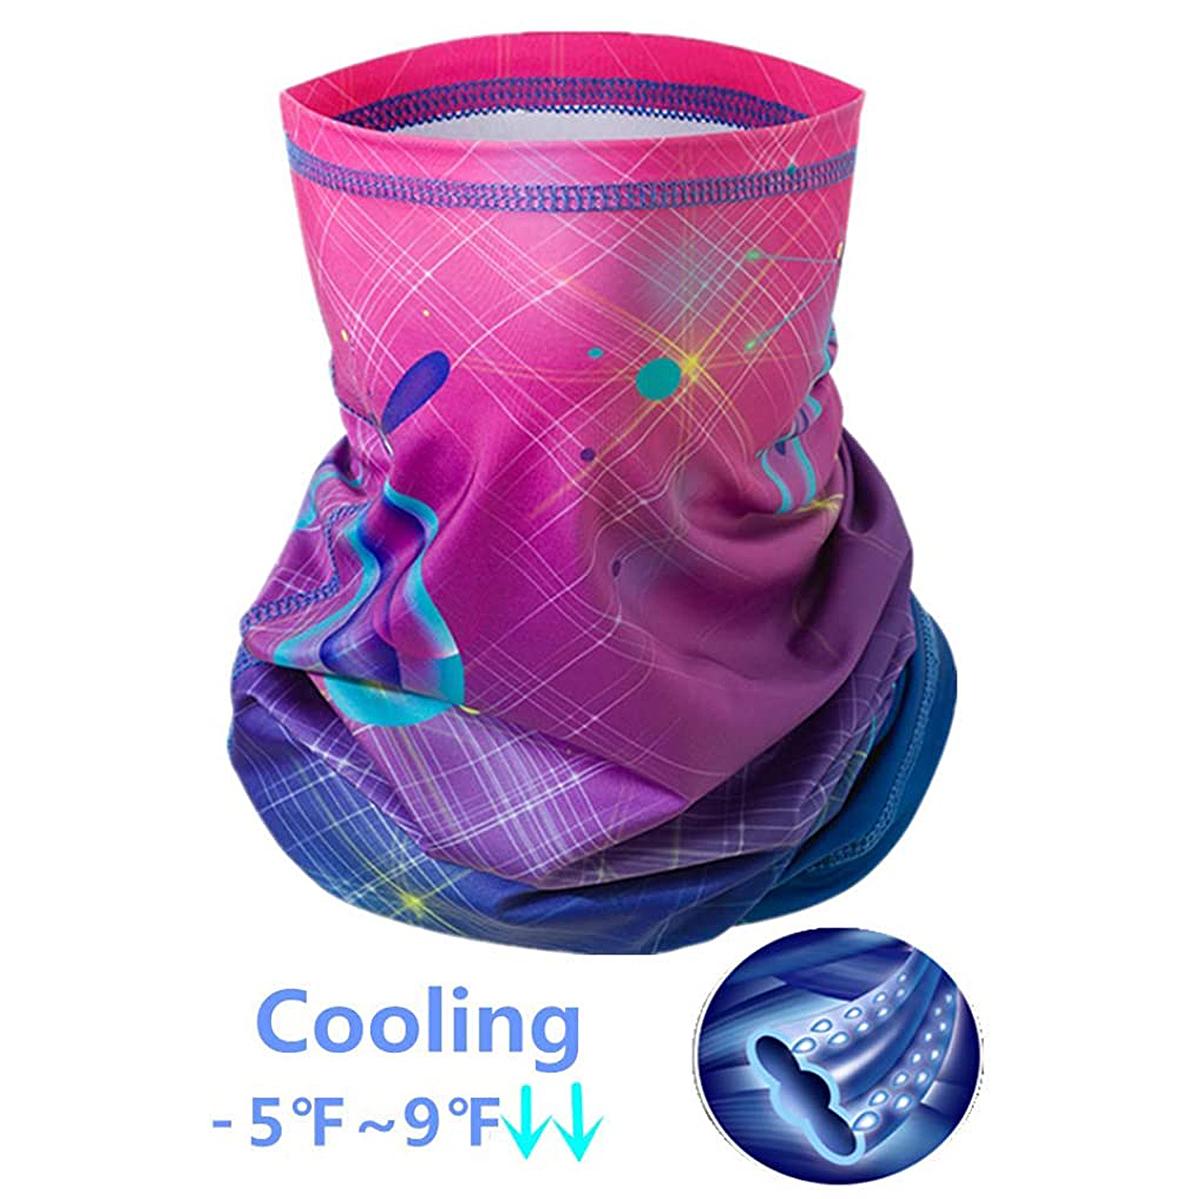 Peabownn Cooling -5 Degree Summer Neck Gaiter